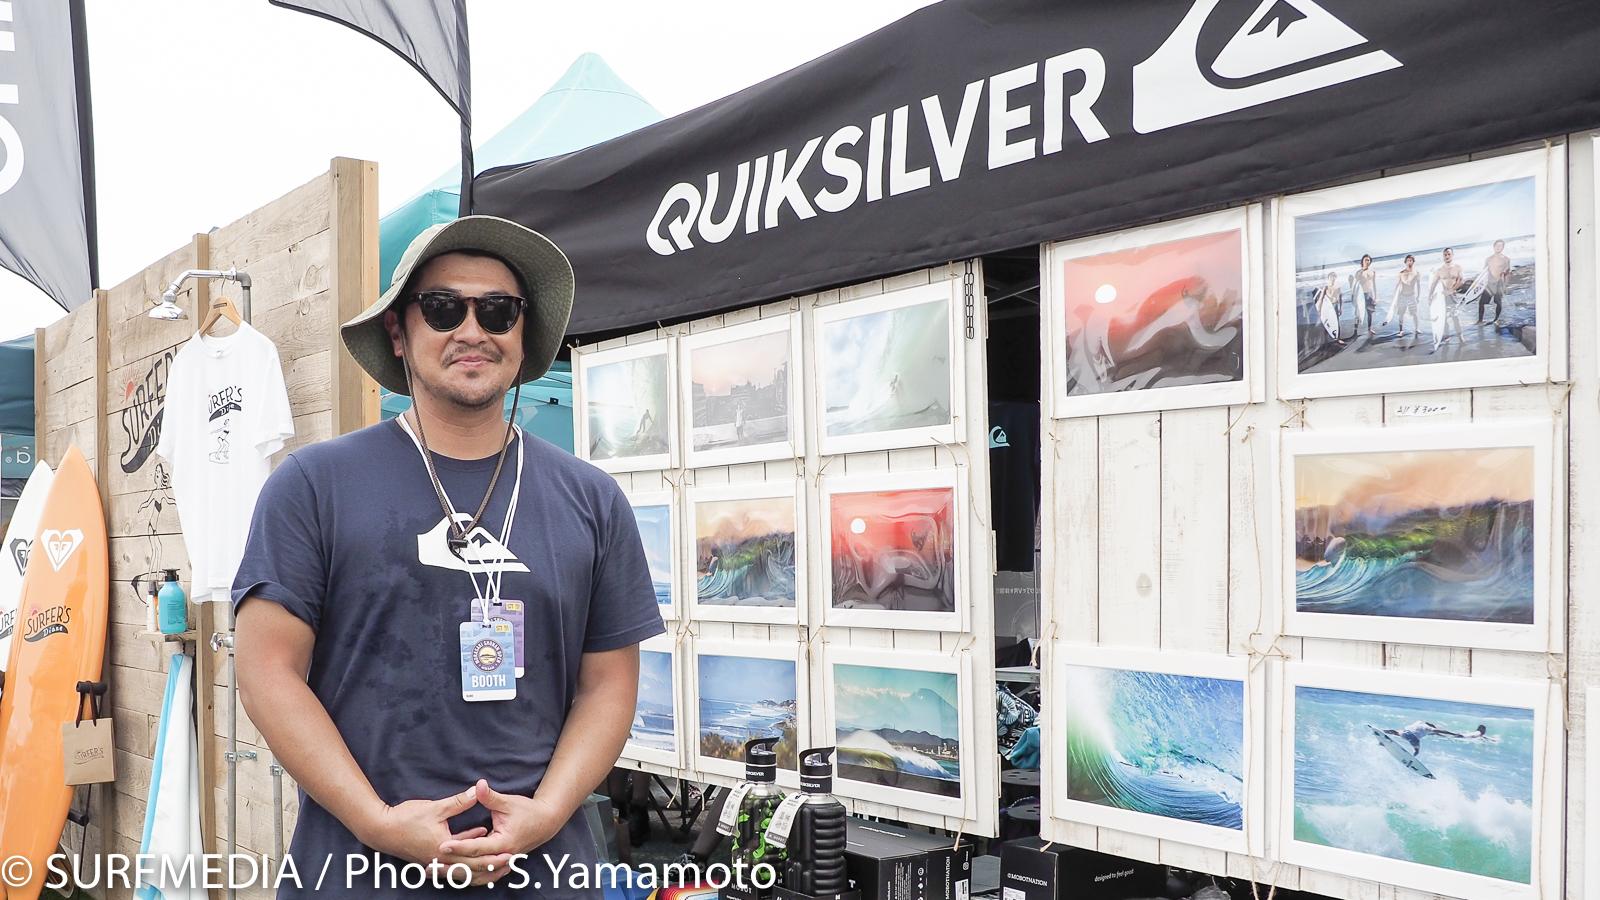 quiksilver kenyu-7170278